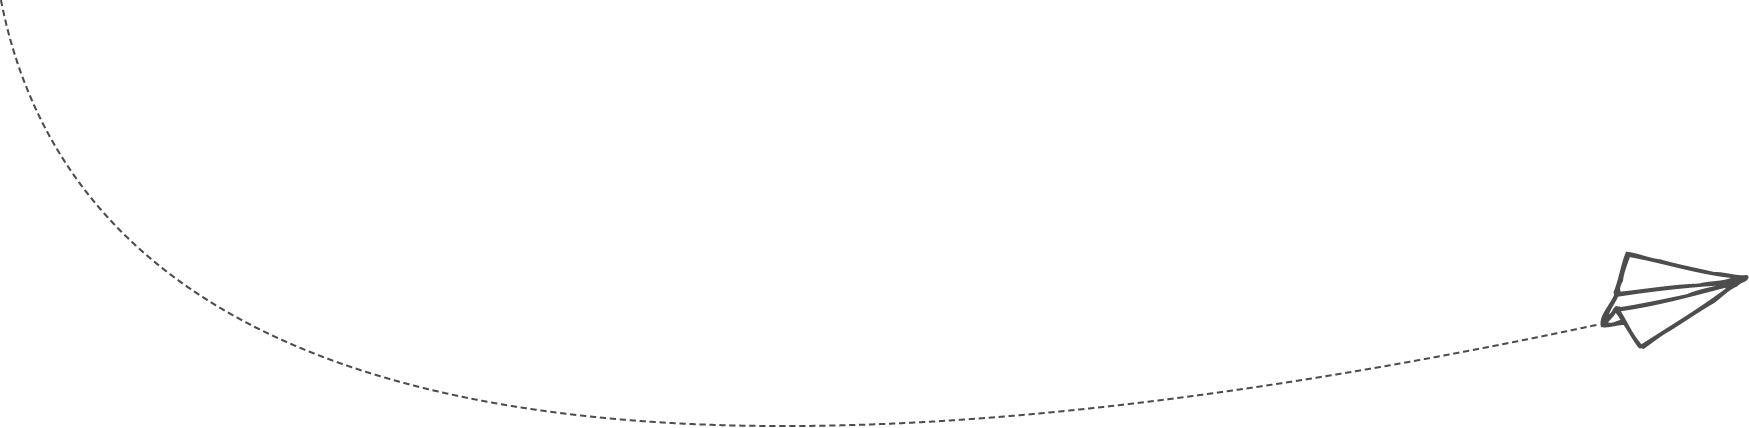 170519_01_papierflieger_desktop